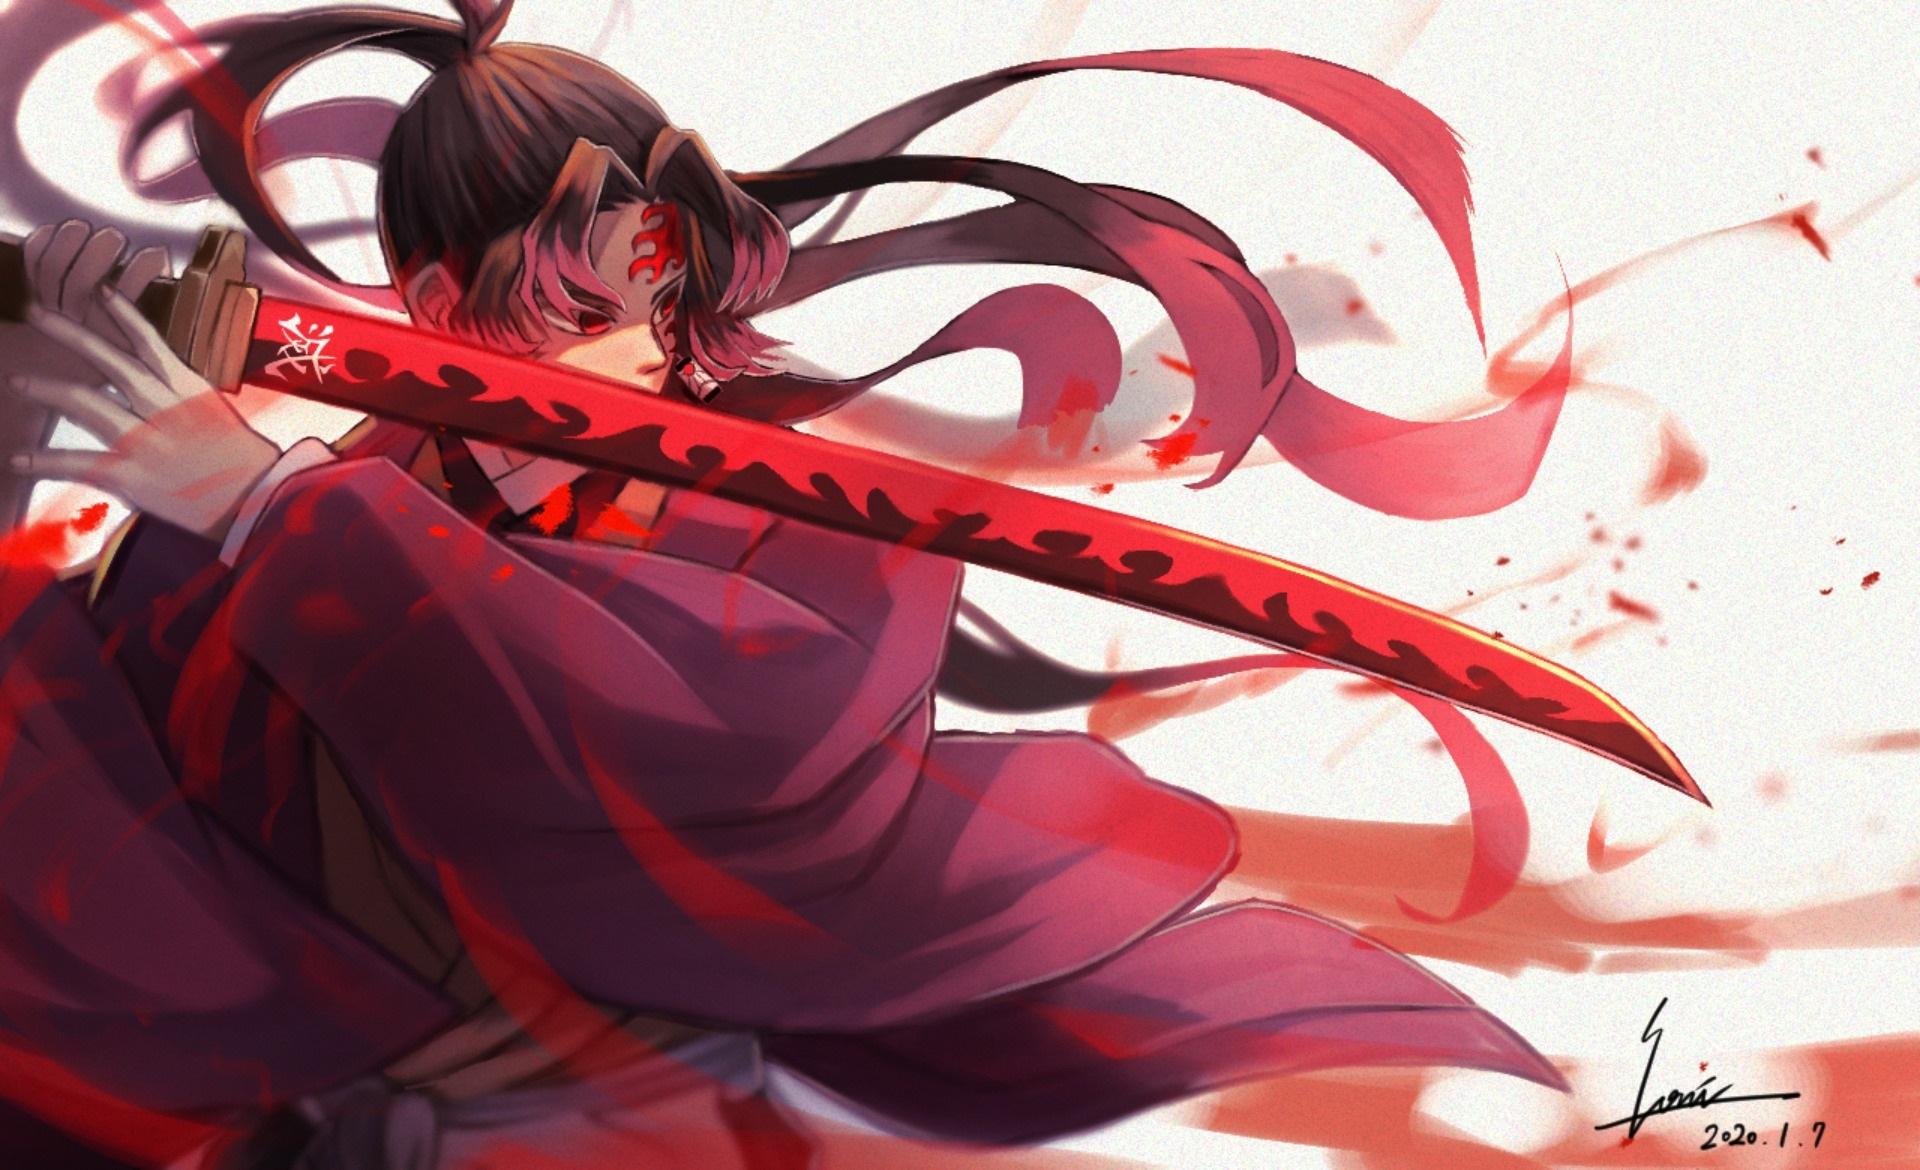 Yoriichi Tsugikuni Anime Wallpaper, HD Anime 4K Wallpapers ...